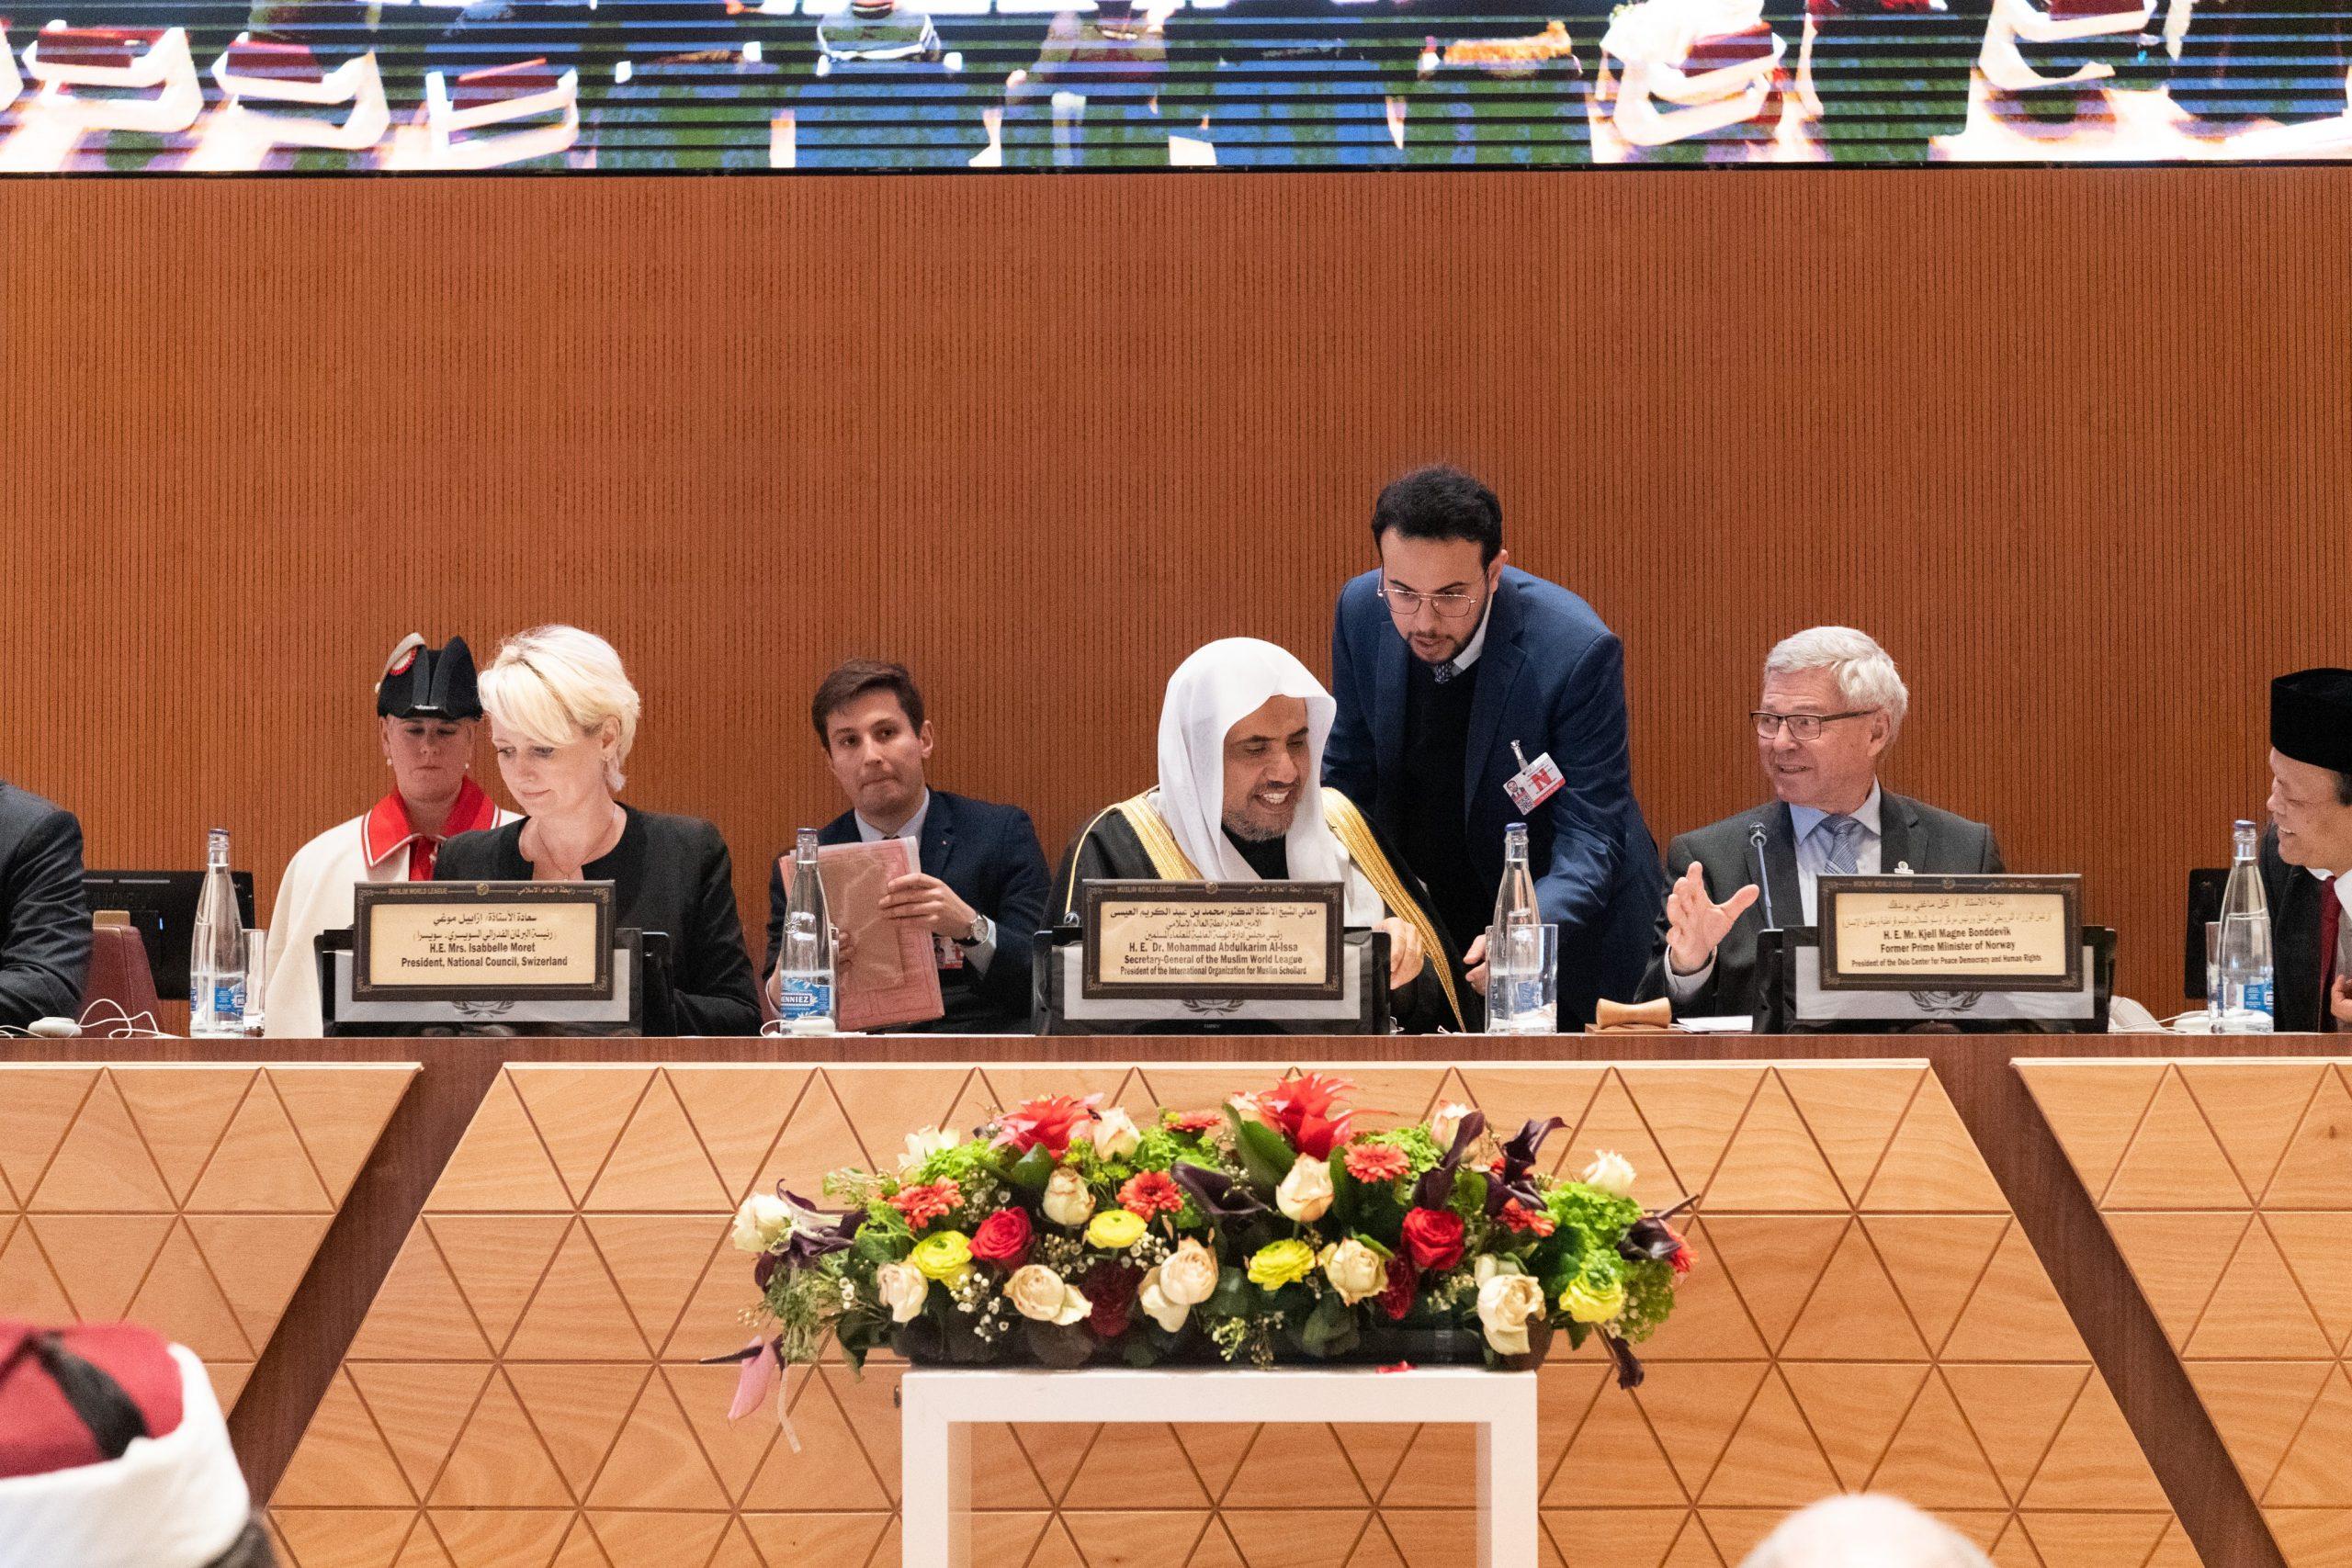 6 جلسات 44 متحدثاً دولياً ممثلون من عدة دول  يناقشون في مؤتمر رابطة العالم الإسلامي الذي دشنه معالي الشيخ د. محمد العيسى في الأمم المتحدة